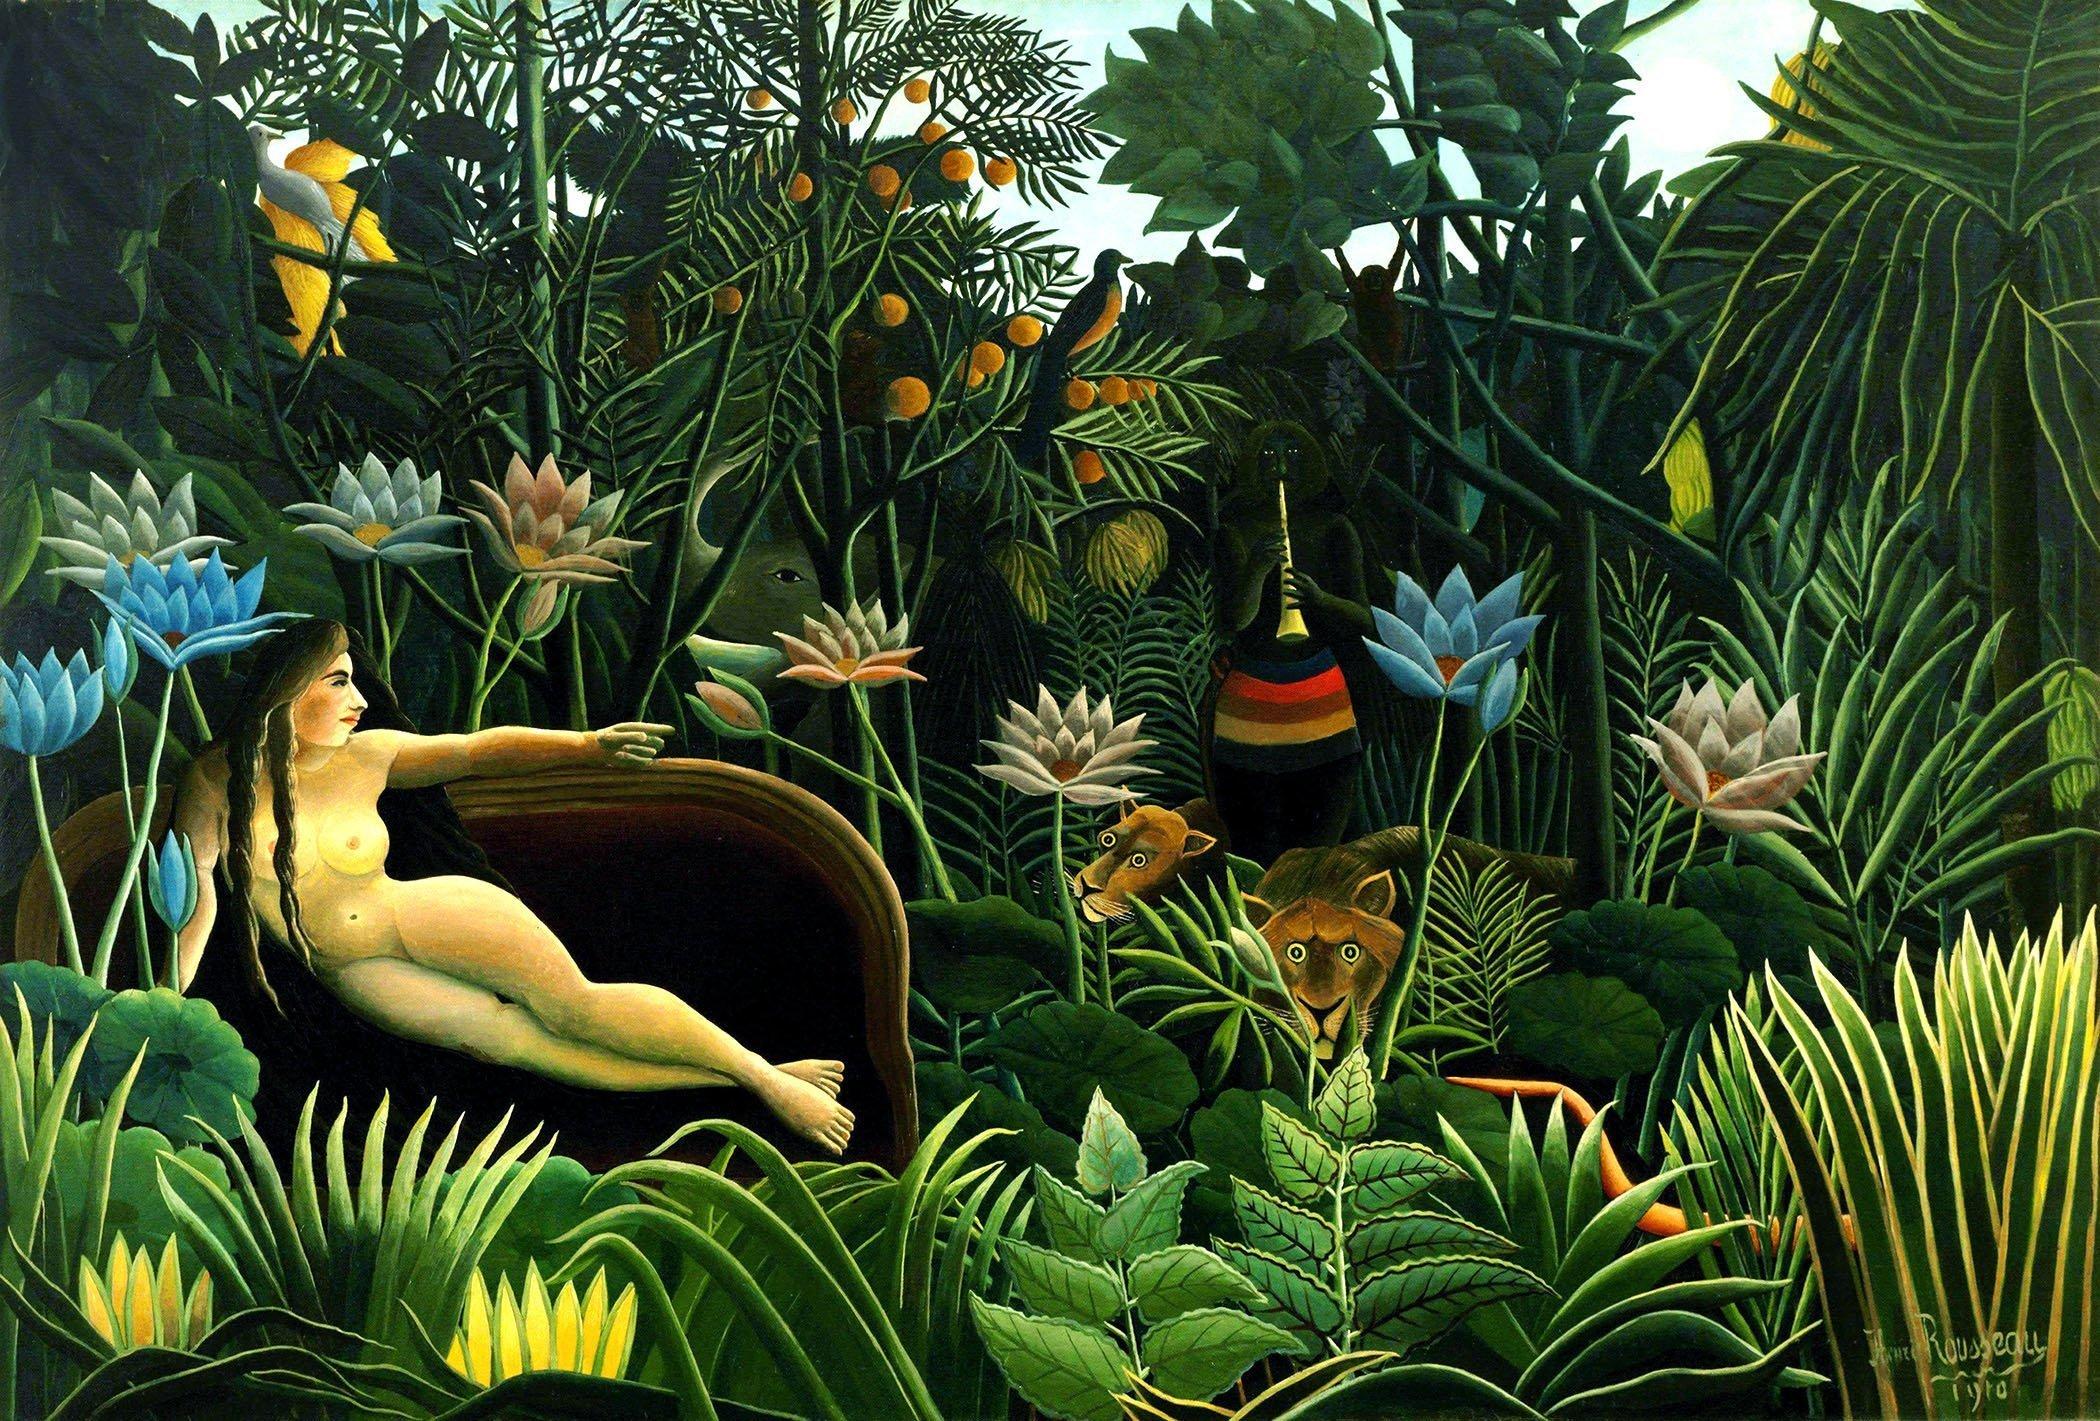 Exposition Le Douanier Rousseau, L'innocence archaïque au Musée d'Orsay